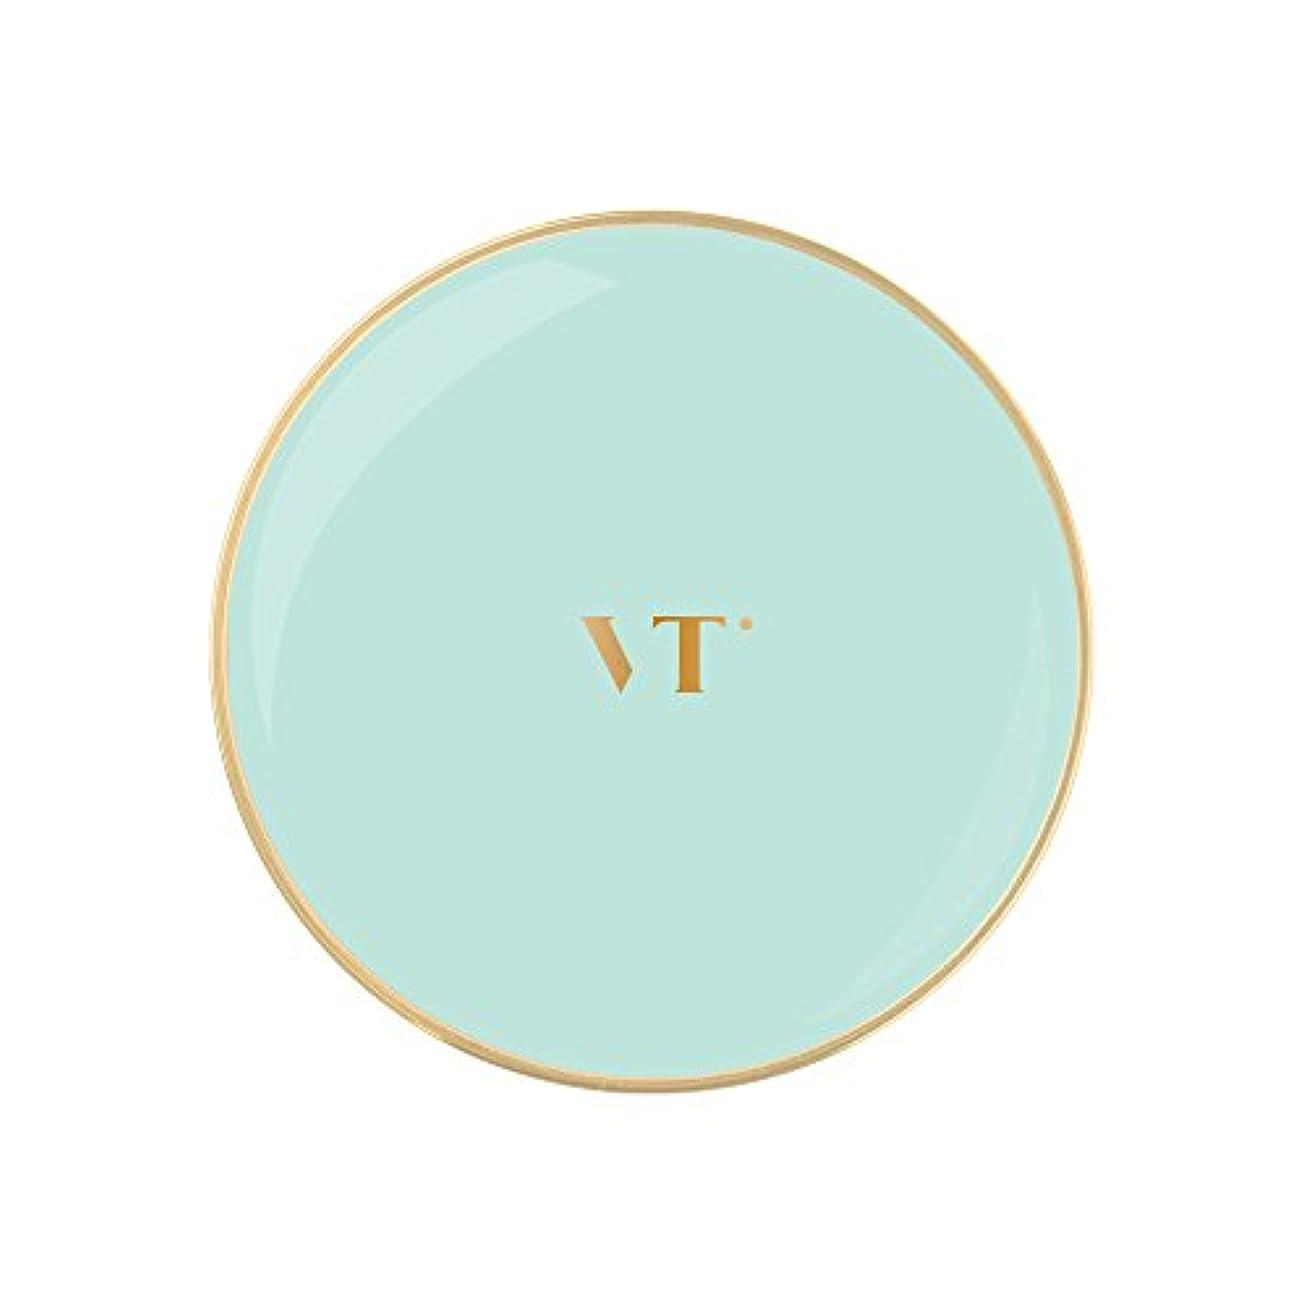 住人使用法追加VT Blue Collagen Pact 11g/ブイティー ブルー コラーゲン パクト 11g (#21) [並行輸入品]